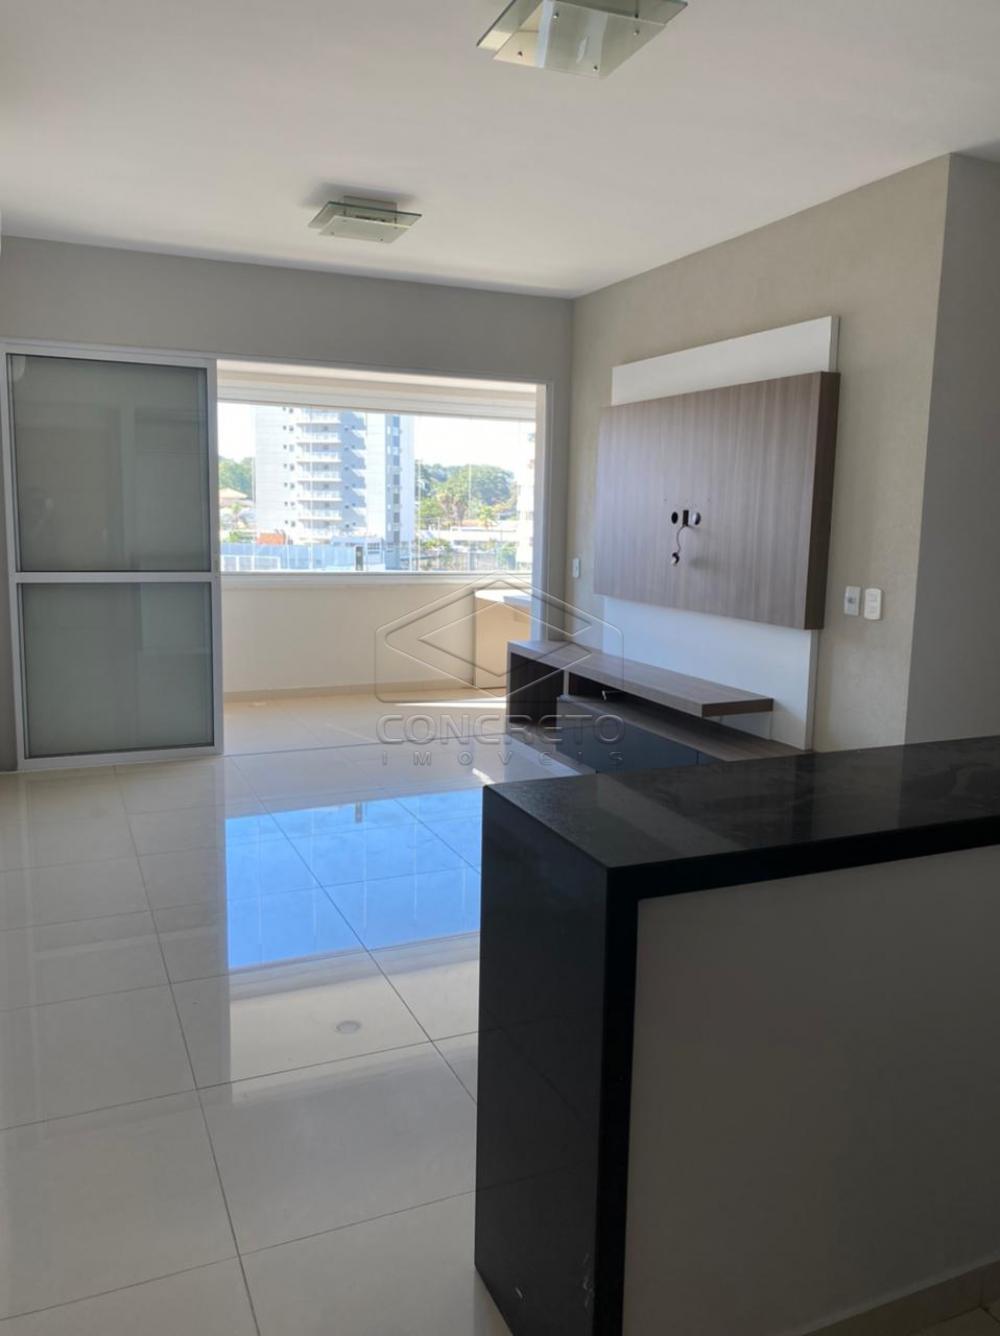 Comprar Apartamento / Padrão em Bauru R$ 580.000,00 - Foto 6